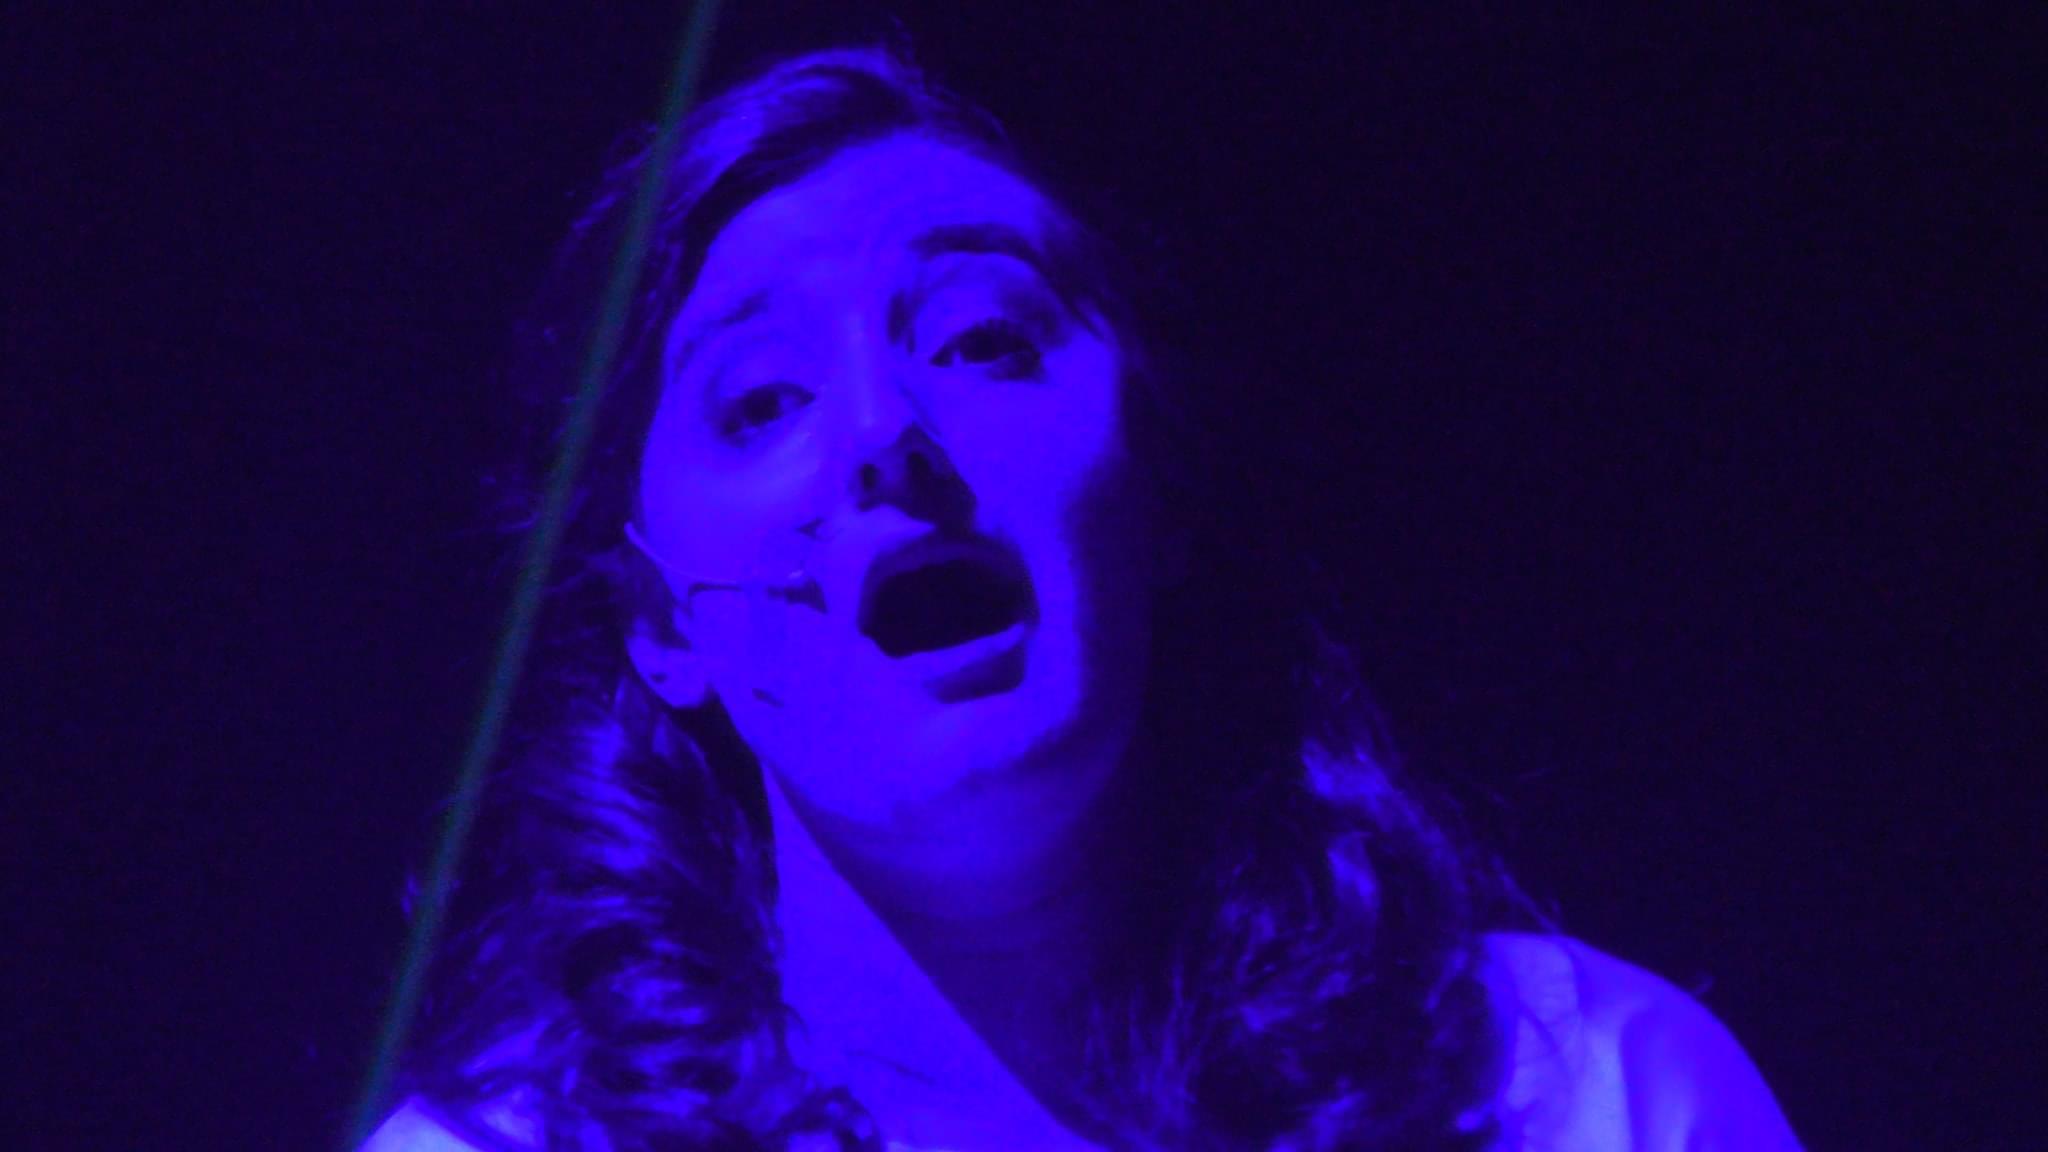 """As Erda in Deutsche Oper Berlin """"Aus dem Hinterhalt"""" performance, (photo credit: Helmut Fischer)"""